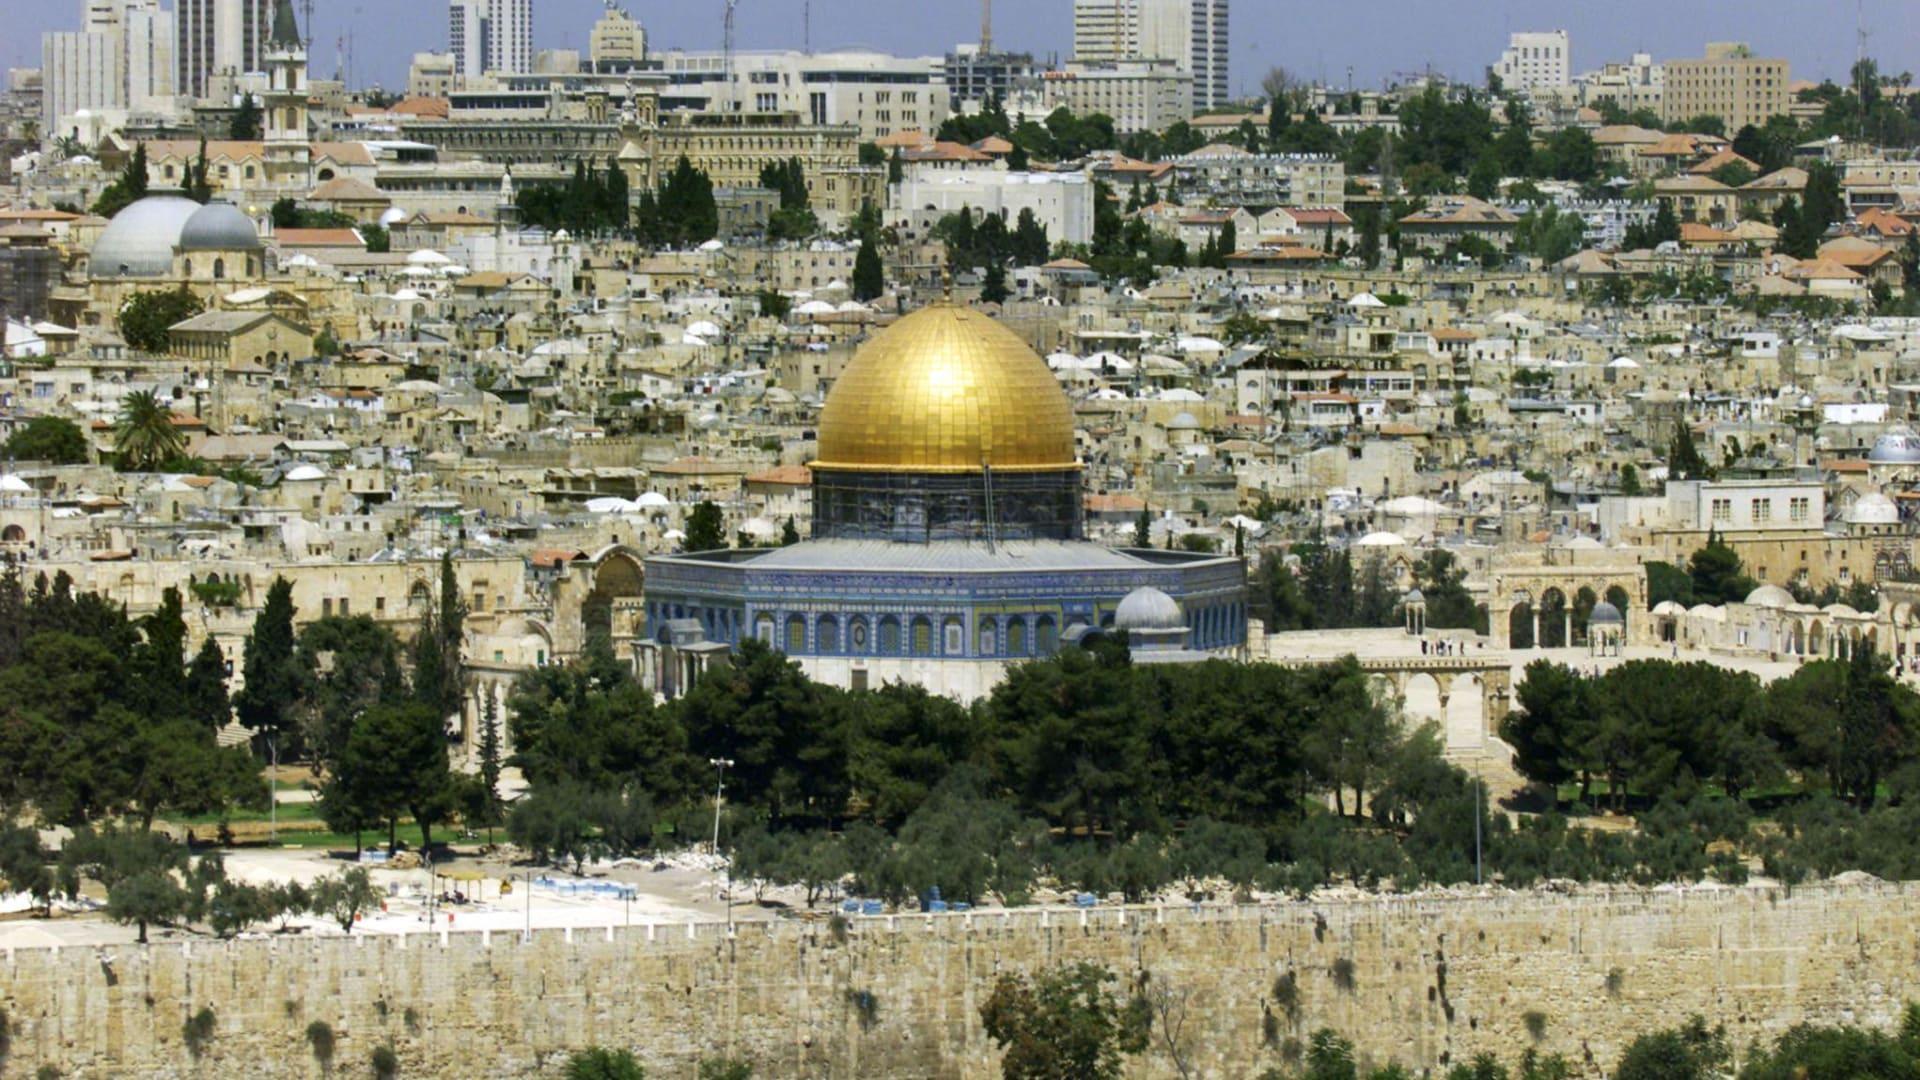 """الأردن يوجه مذكرة احتجاج رسمية ضد """"الانتهاكات"""" الإسرائيلية في المسجد الأقصى"""